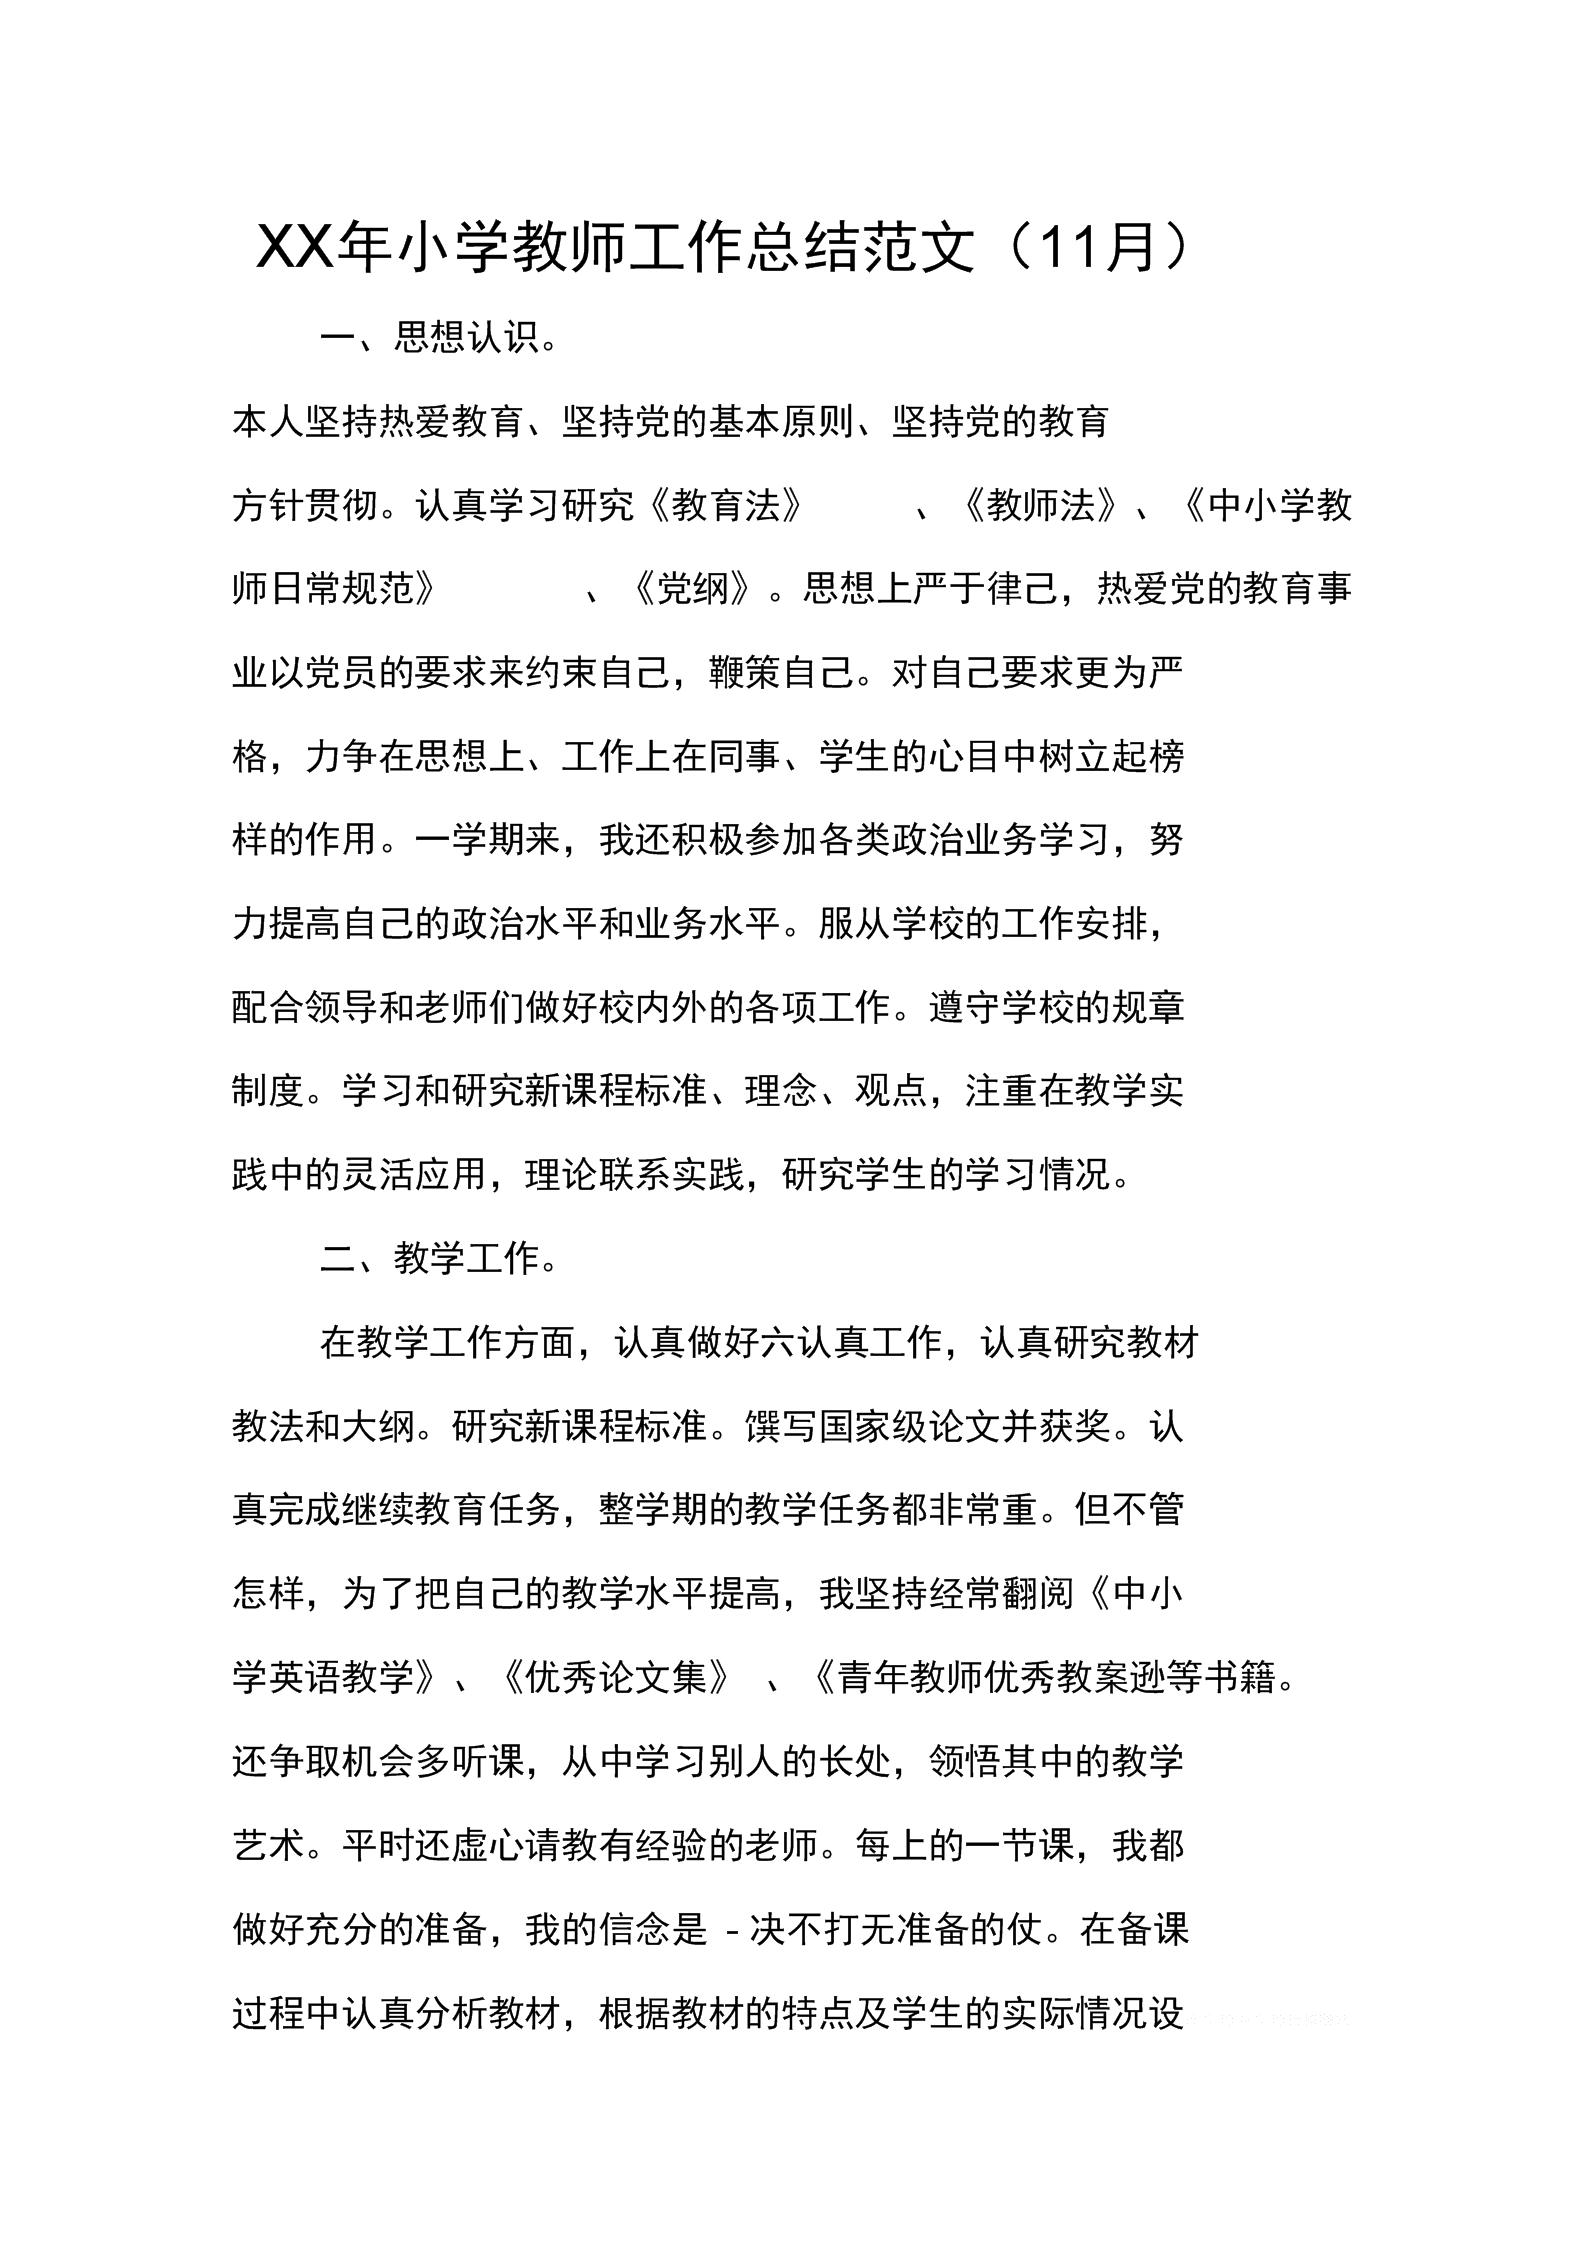 小学教师工作总结范文(11月).docx